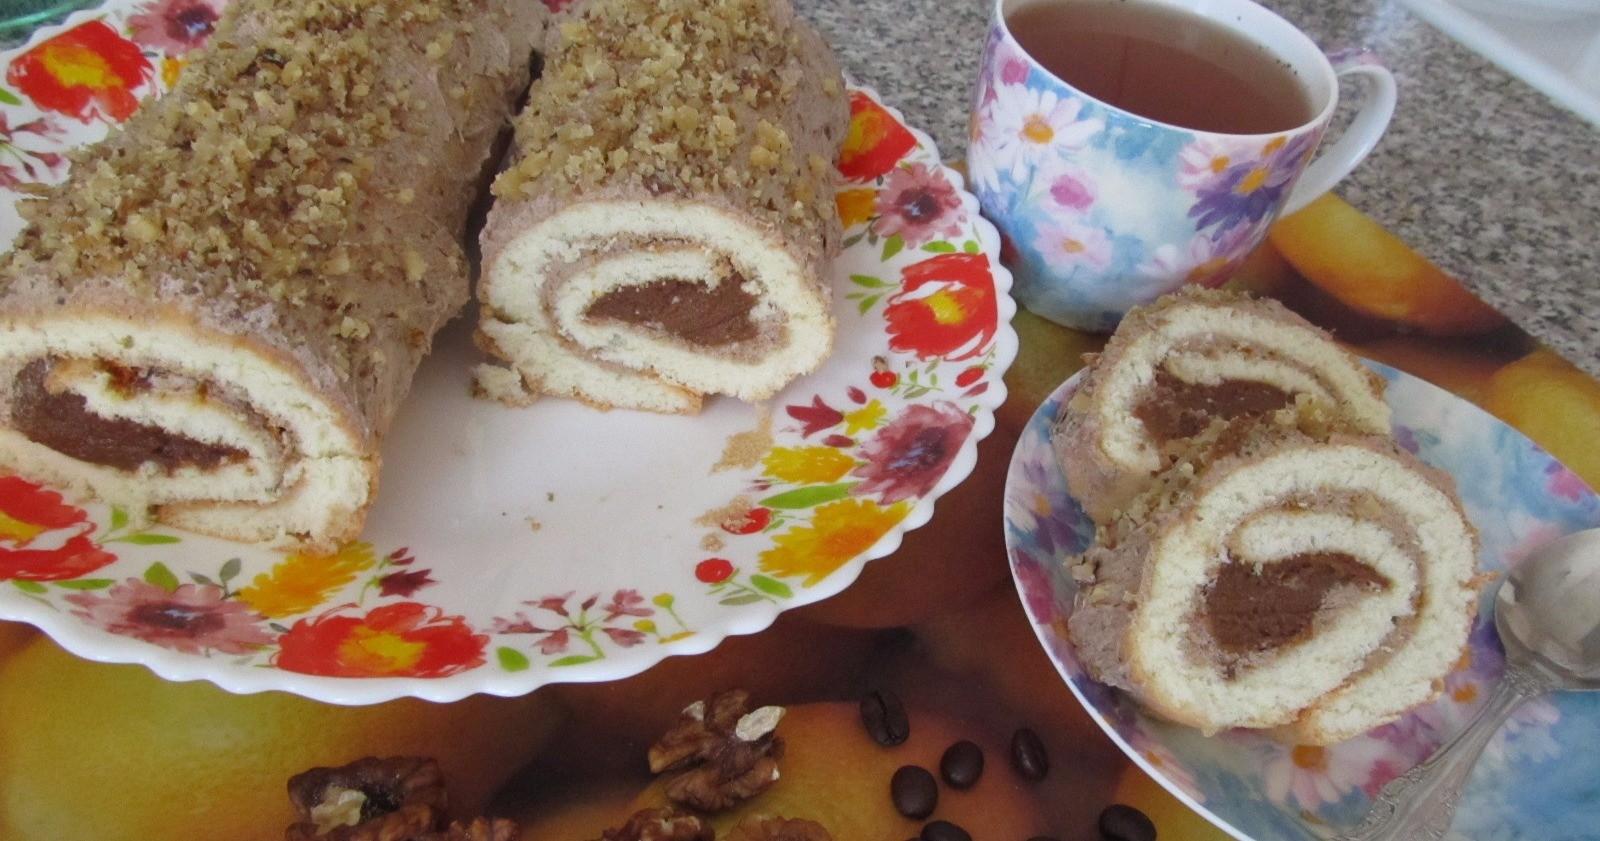 рулет из лаваша с орехами и кремом на тарелке